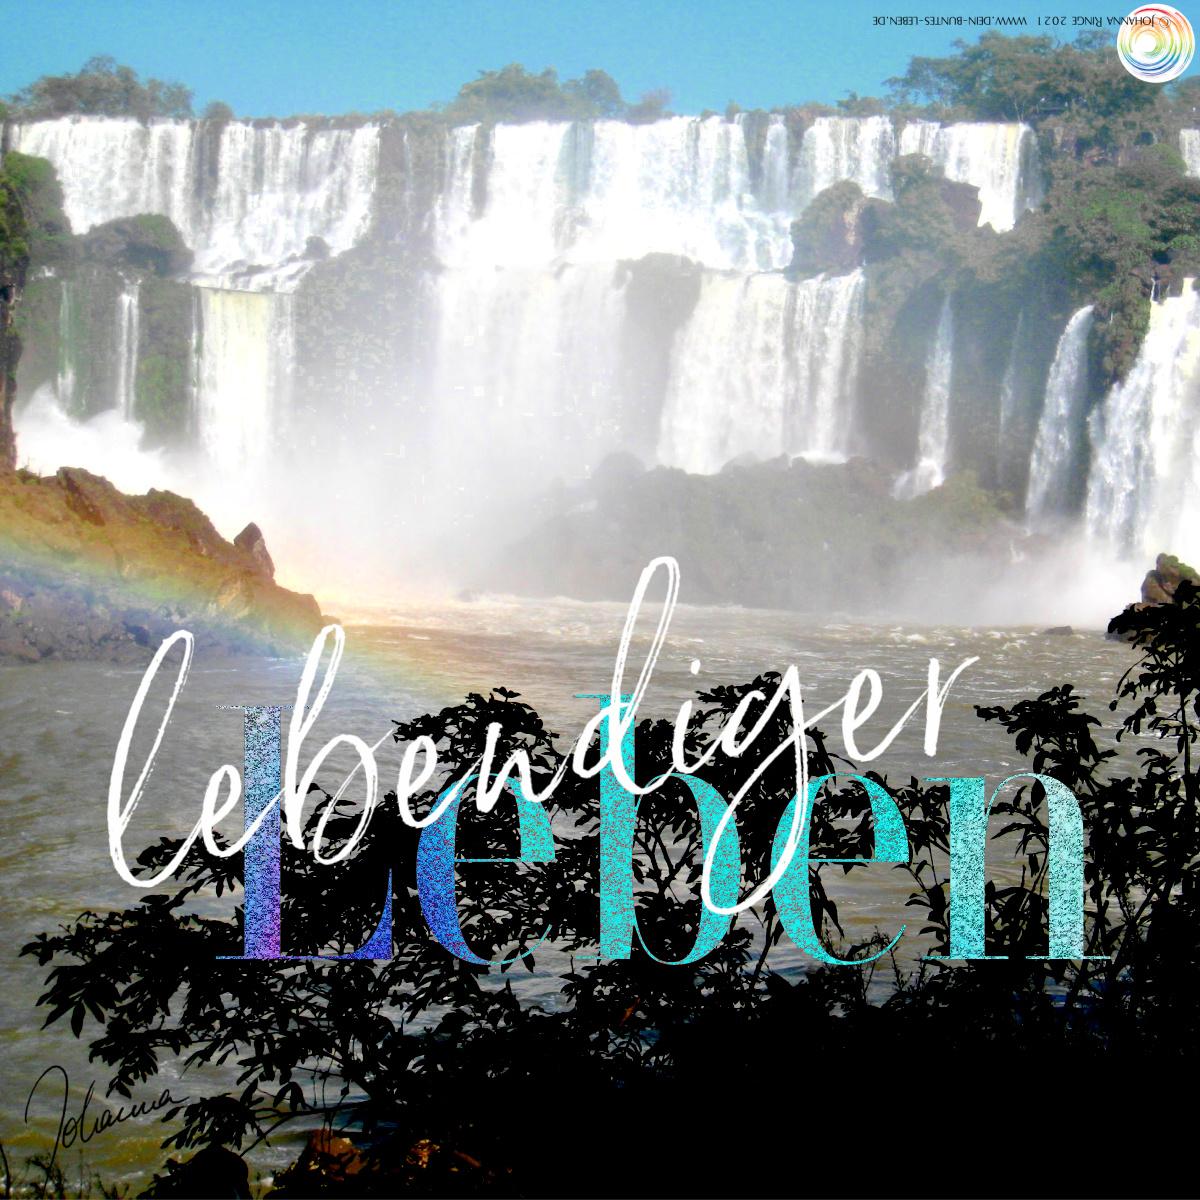 lebendig Leben: Text auf Photo der Wasserfälle von Iguazú/Argentinien. ©2021 Johanna Ringe www.dein-buntes-leben.de